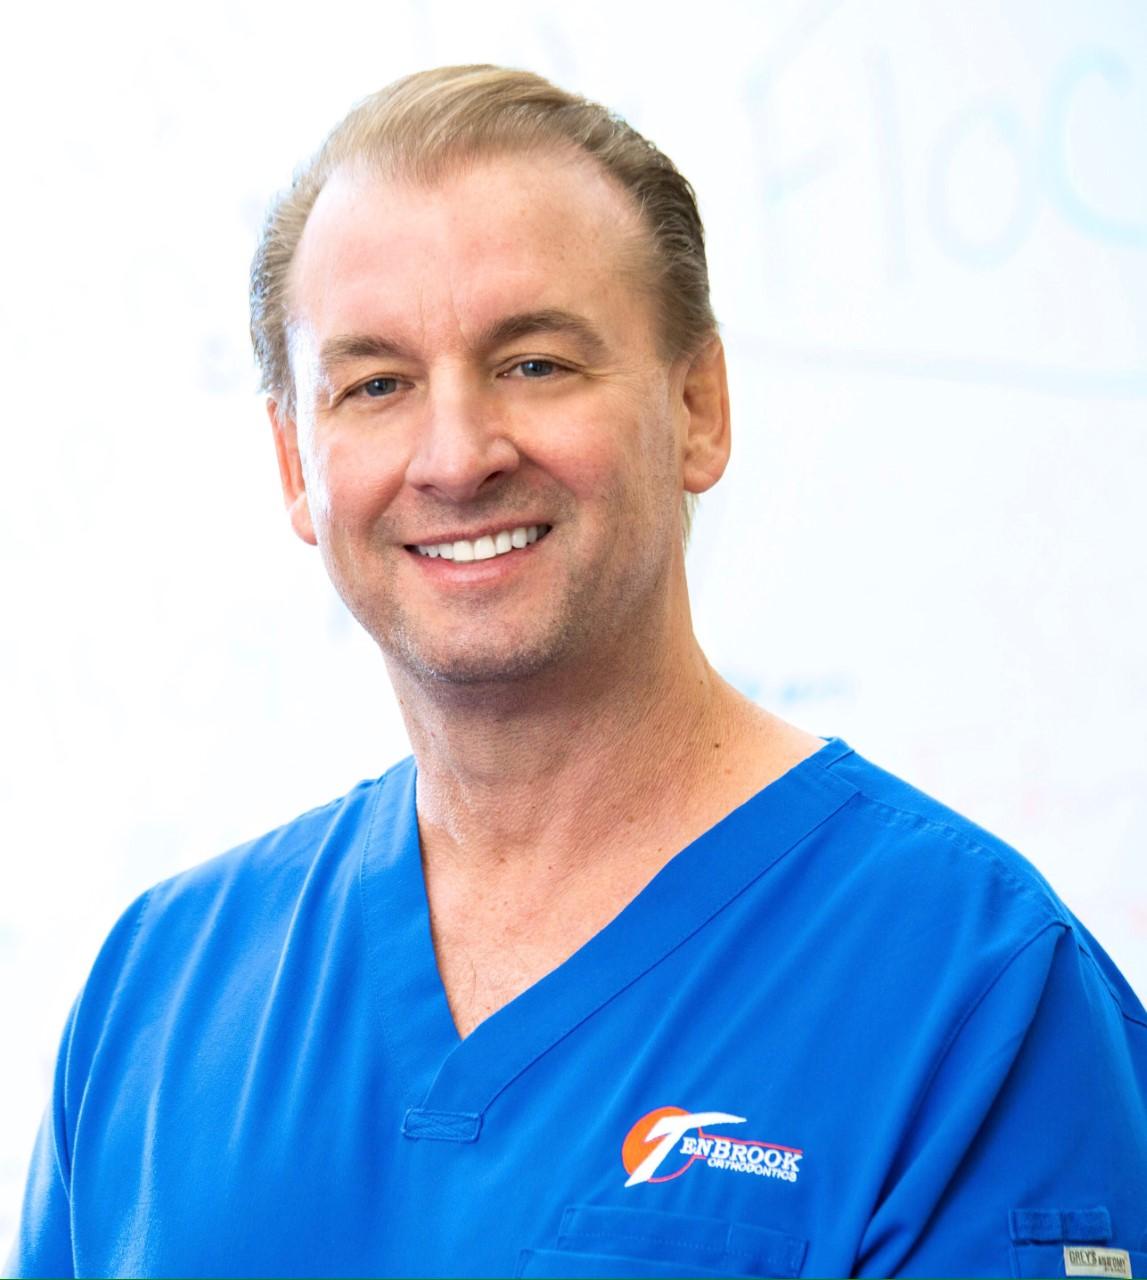 Dr. TenBrook